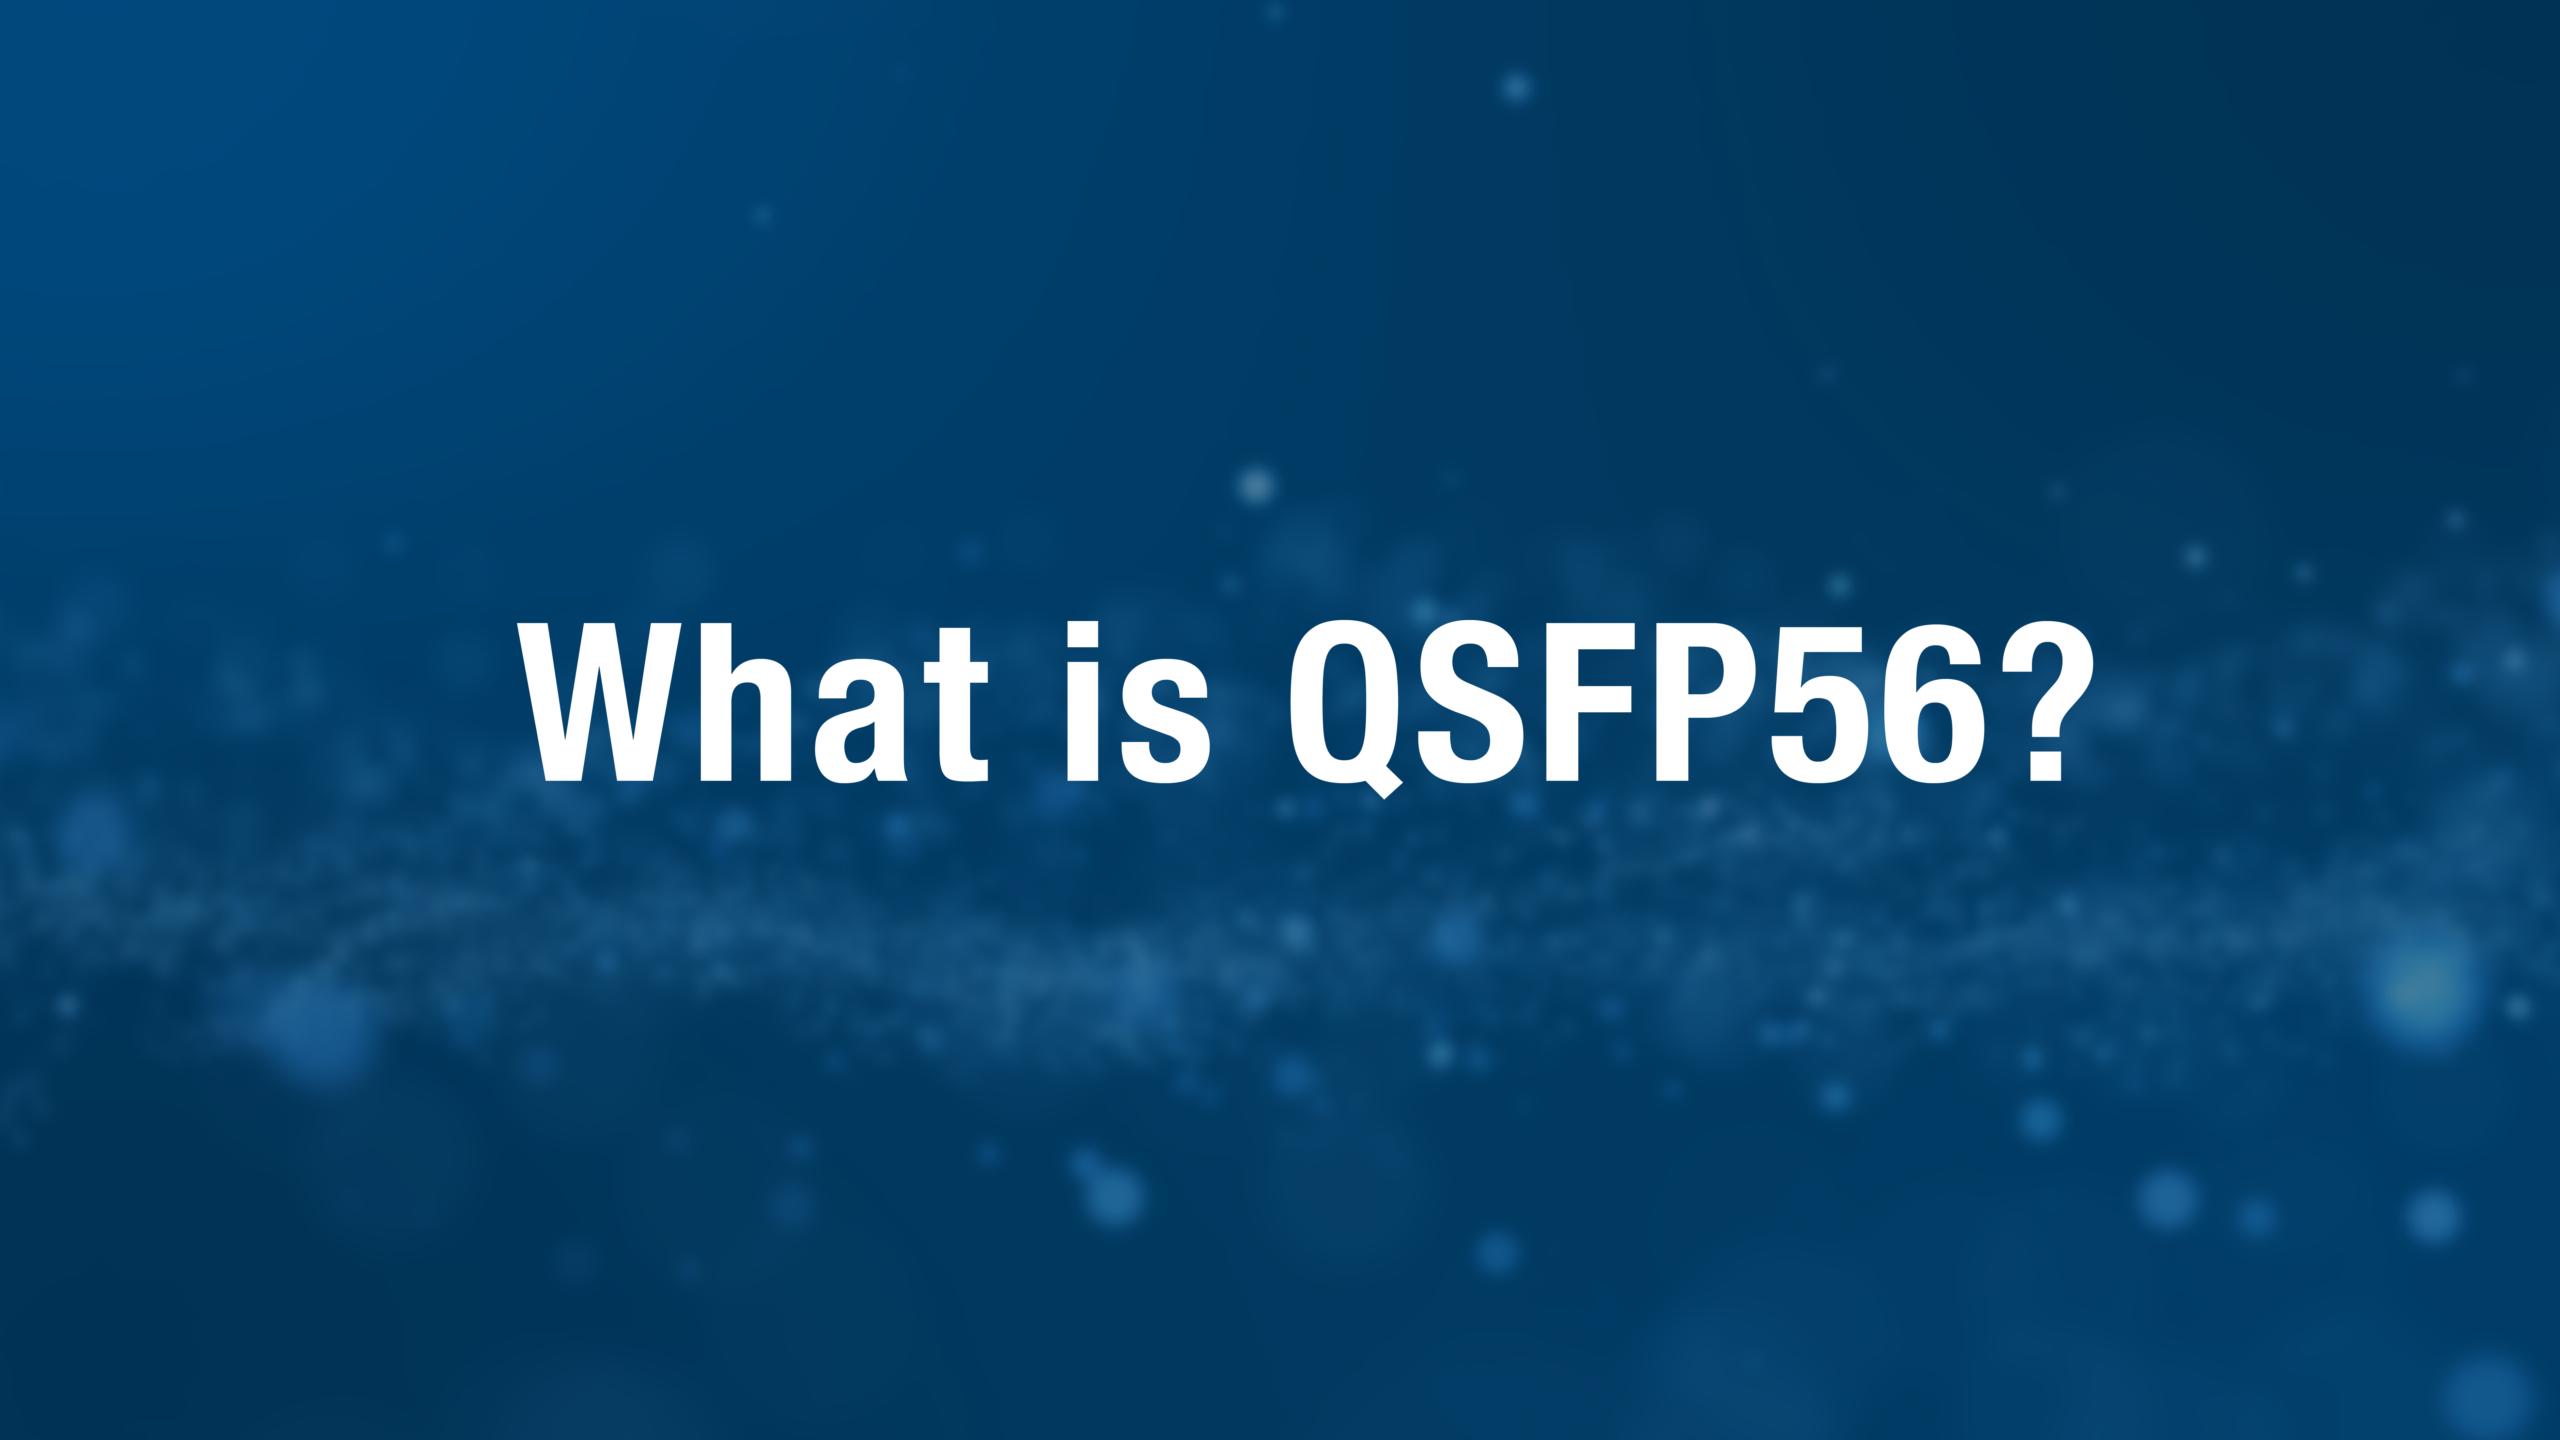 what is QSFP56